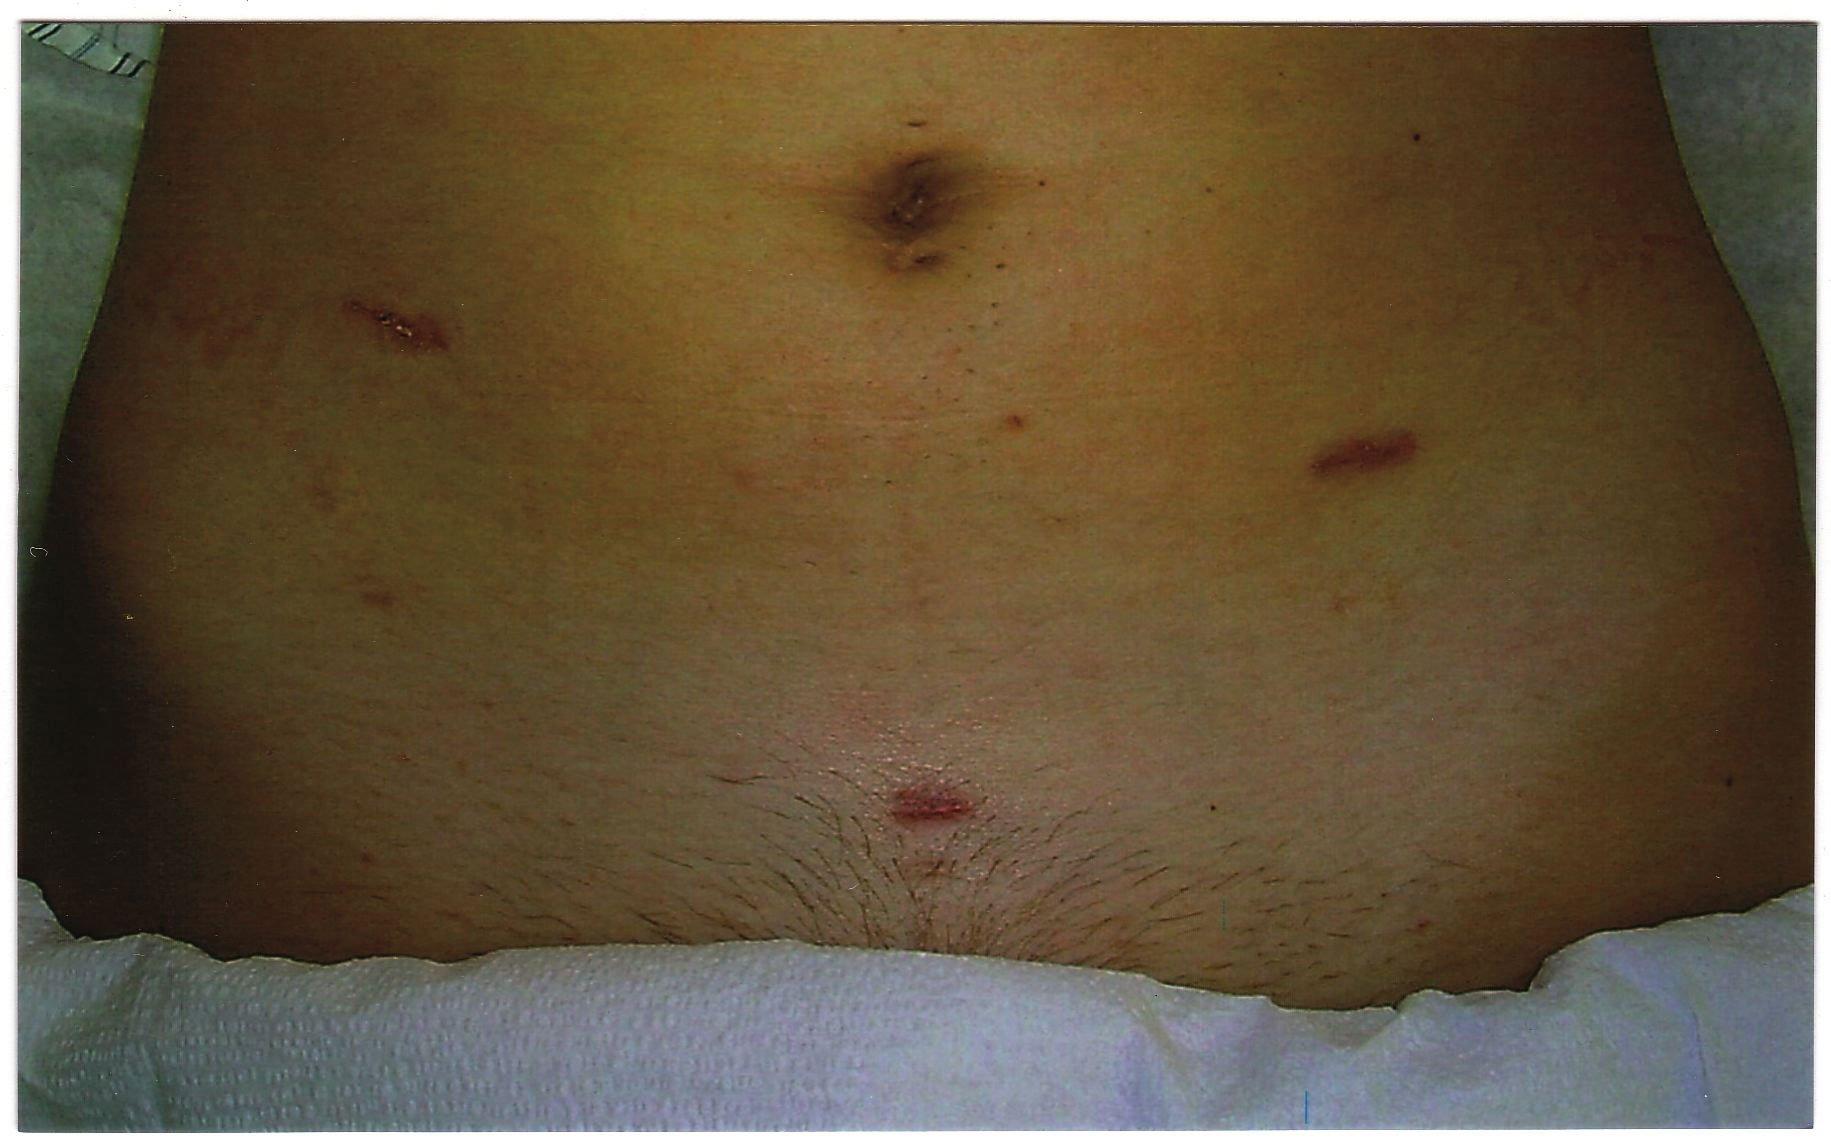 Последствия операции по удалению кисты